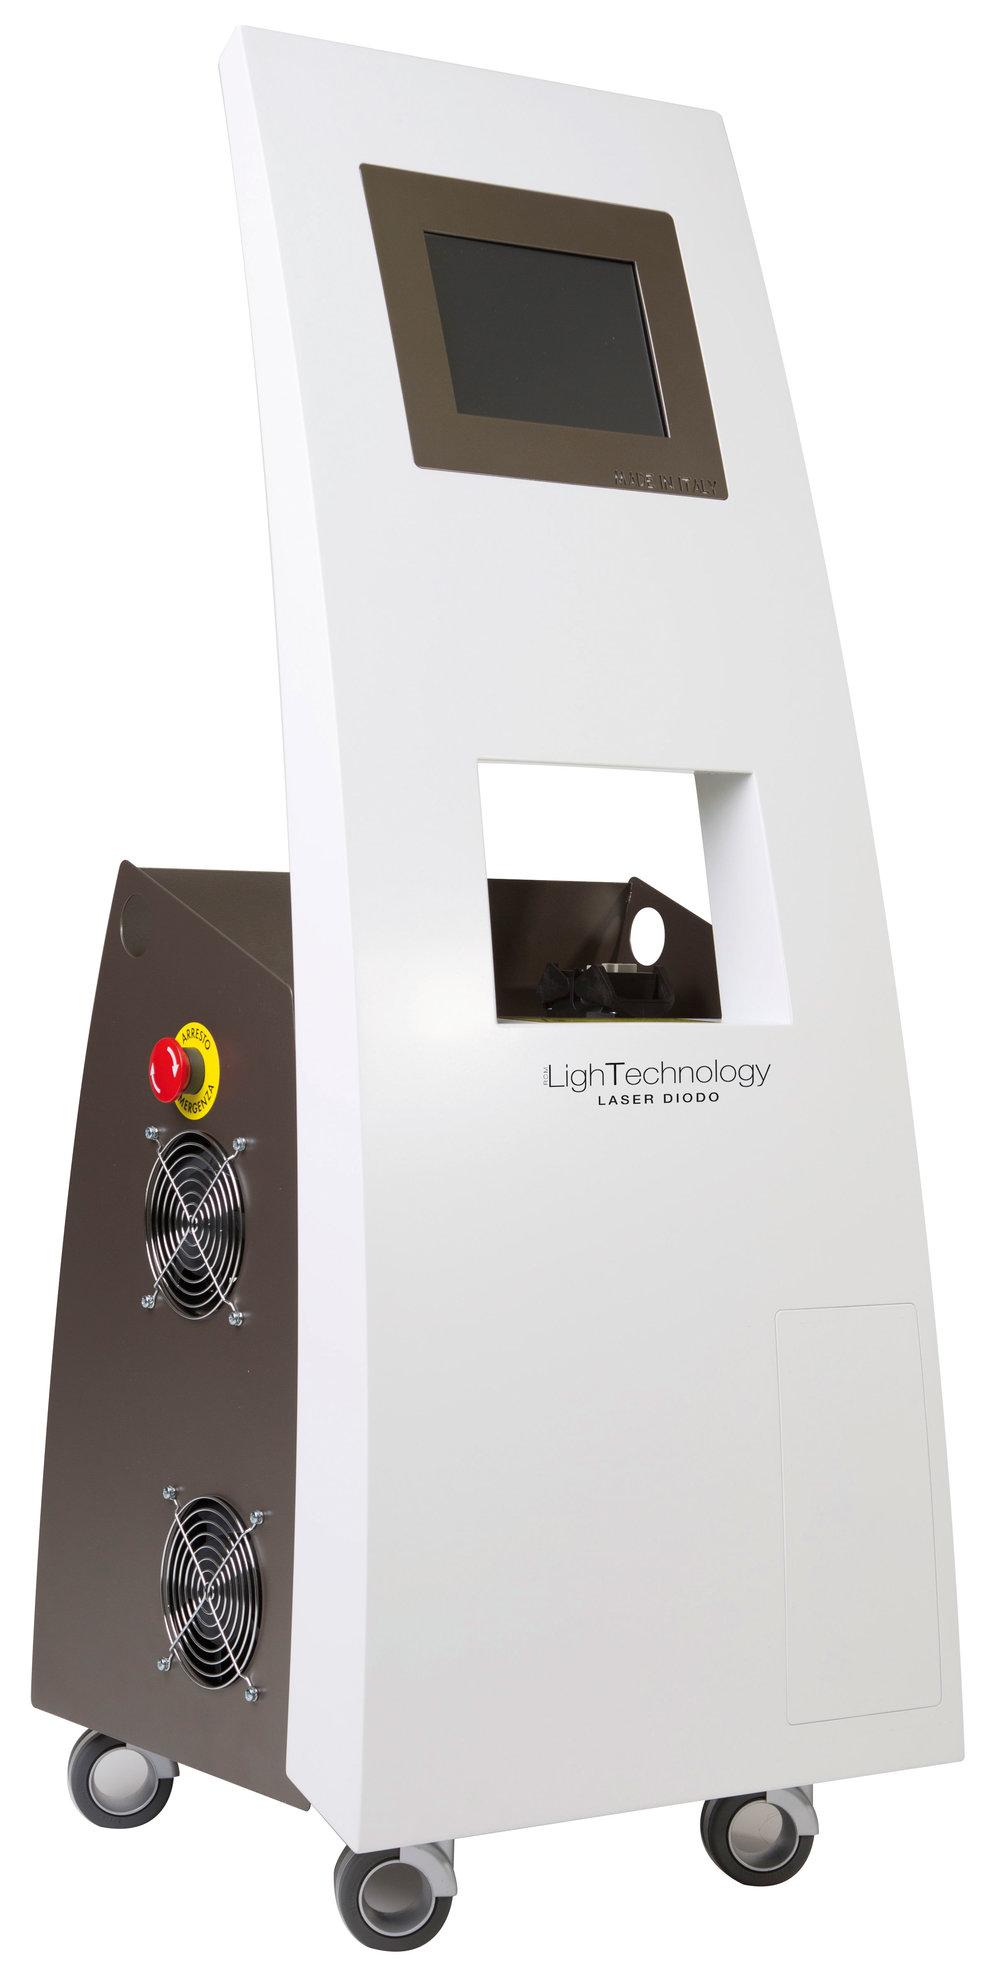 laser-Diodo.jpg